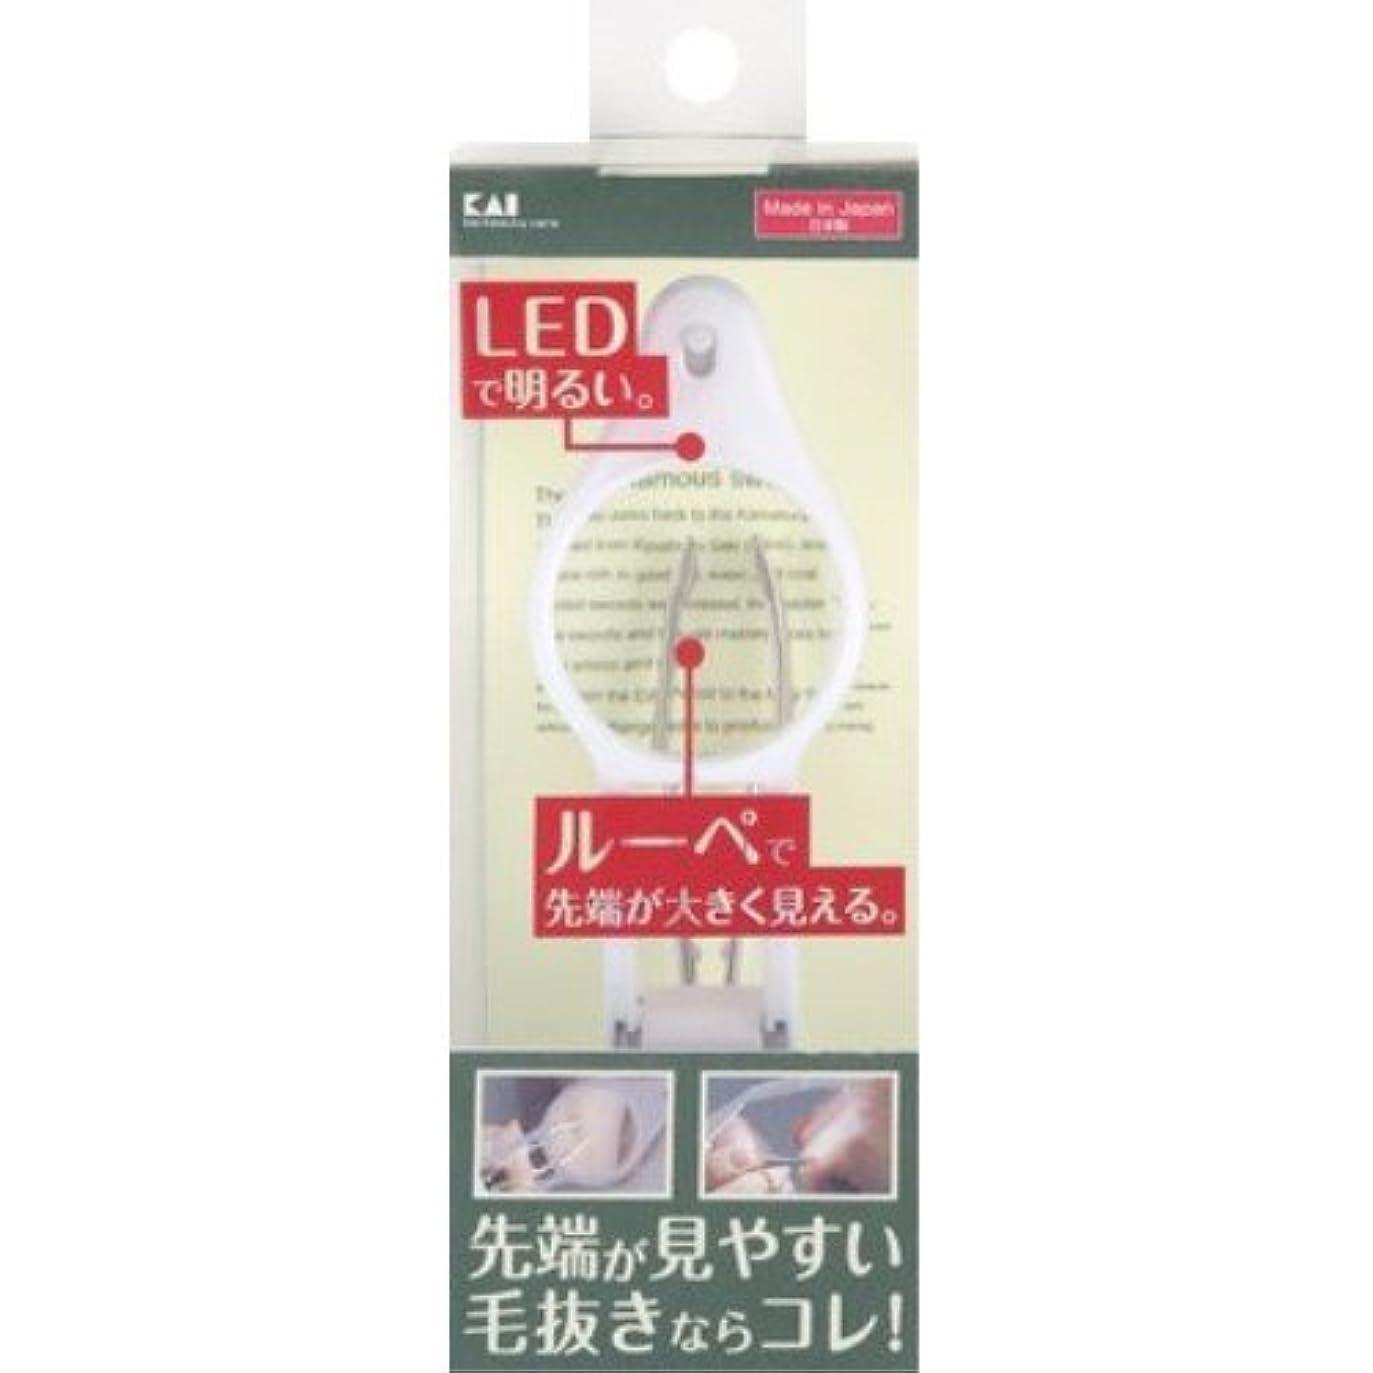 今日オークションシャベル貝印 LEDルーペ付き毛抜き KQ0330